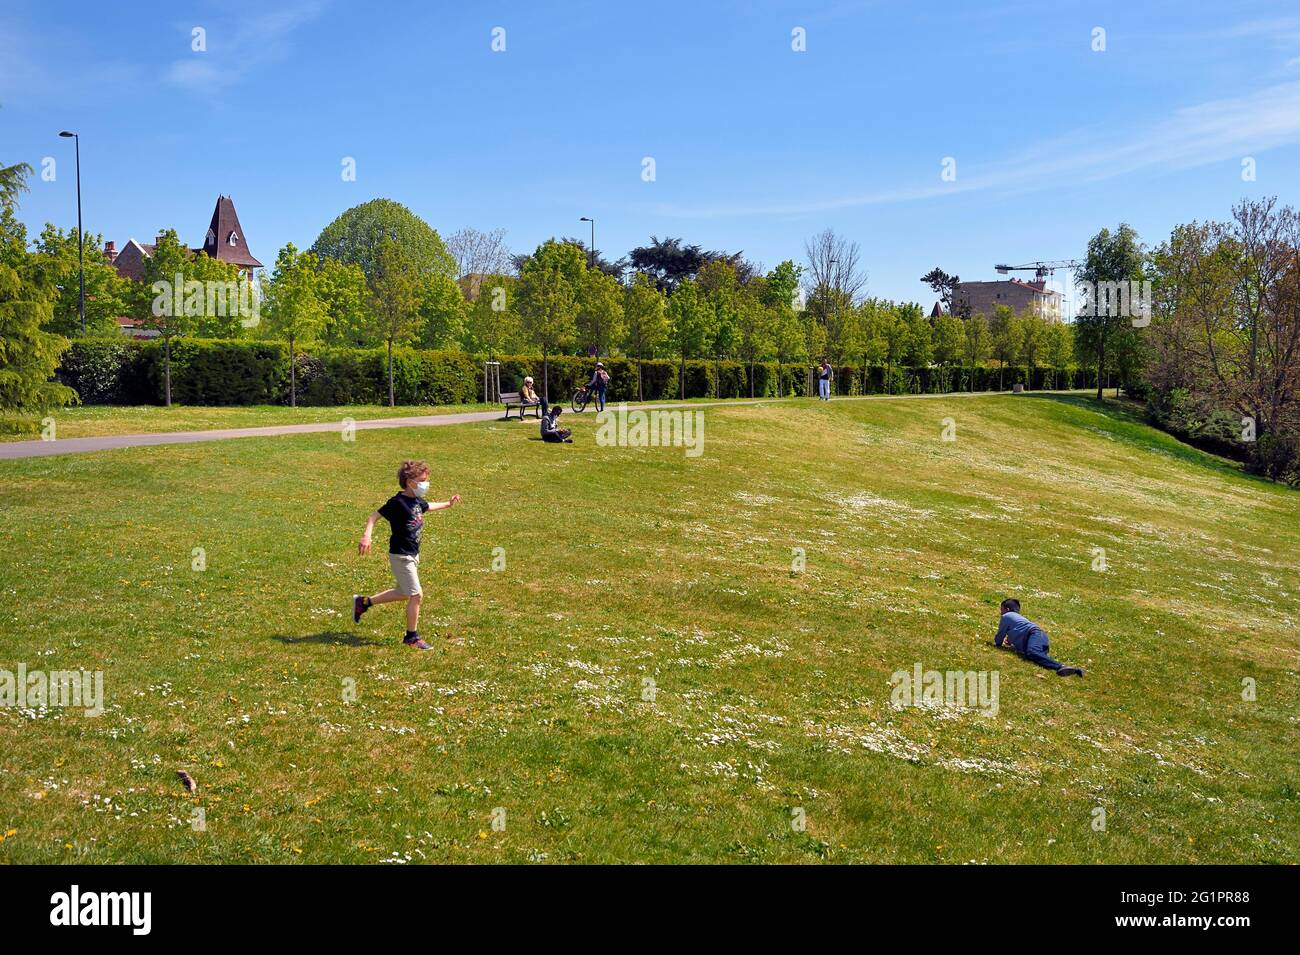 France, Val de Marne, Champigny sur Marne, parc du Tremblay Banque D'Images